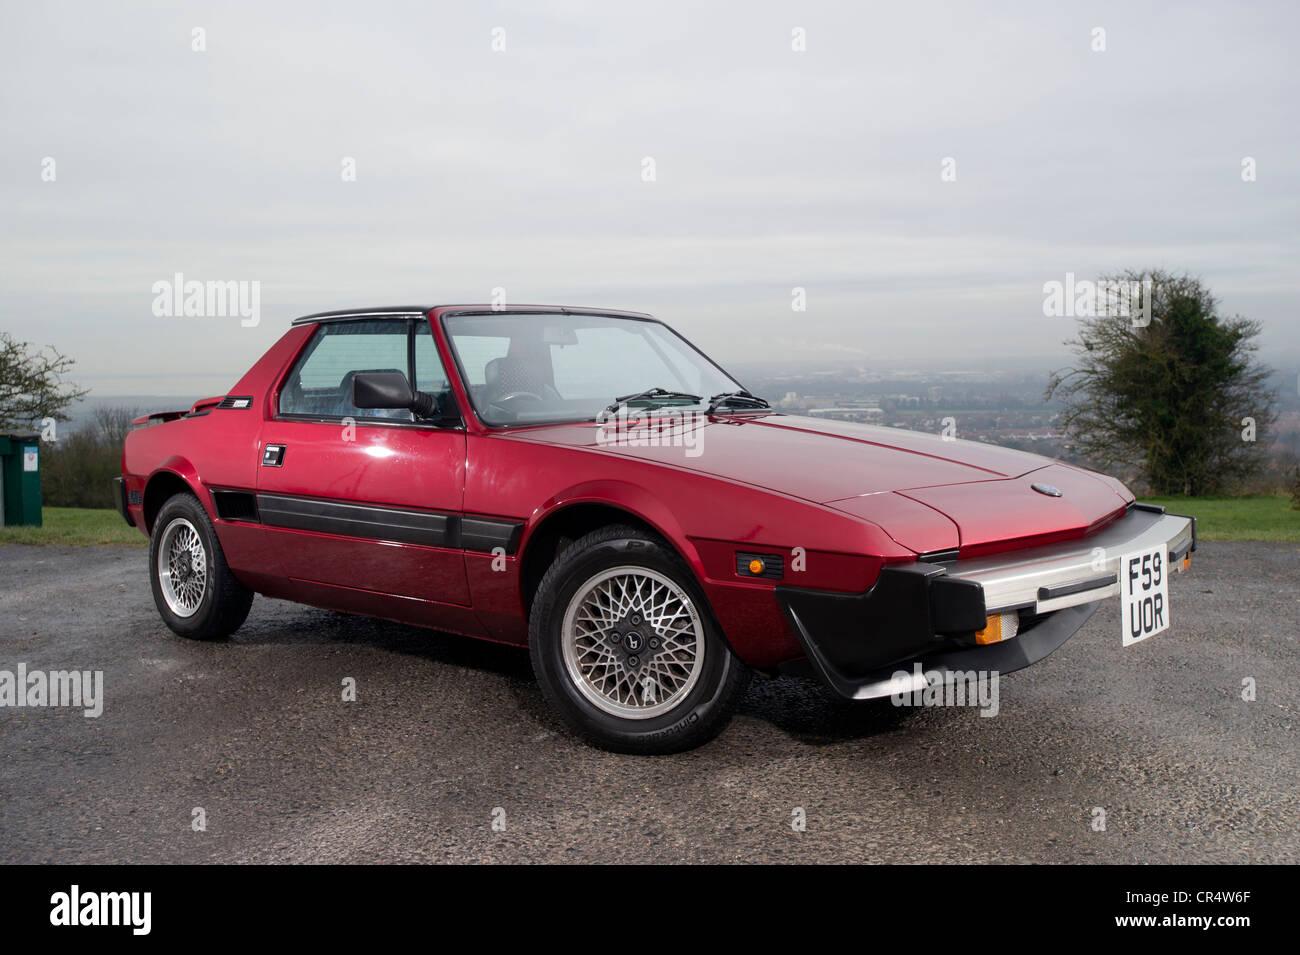 Fiat X1 9 classic Italian sports car mid engine eighties